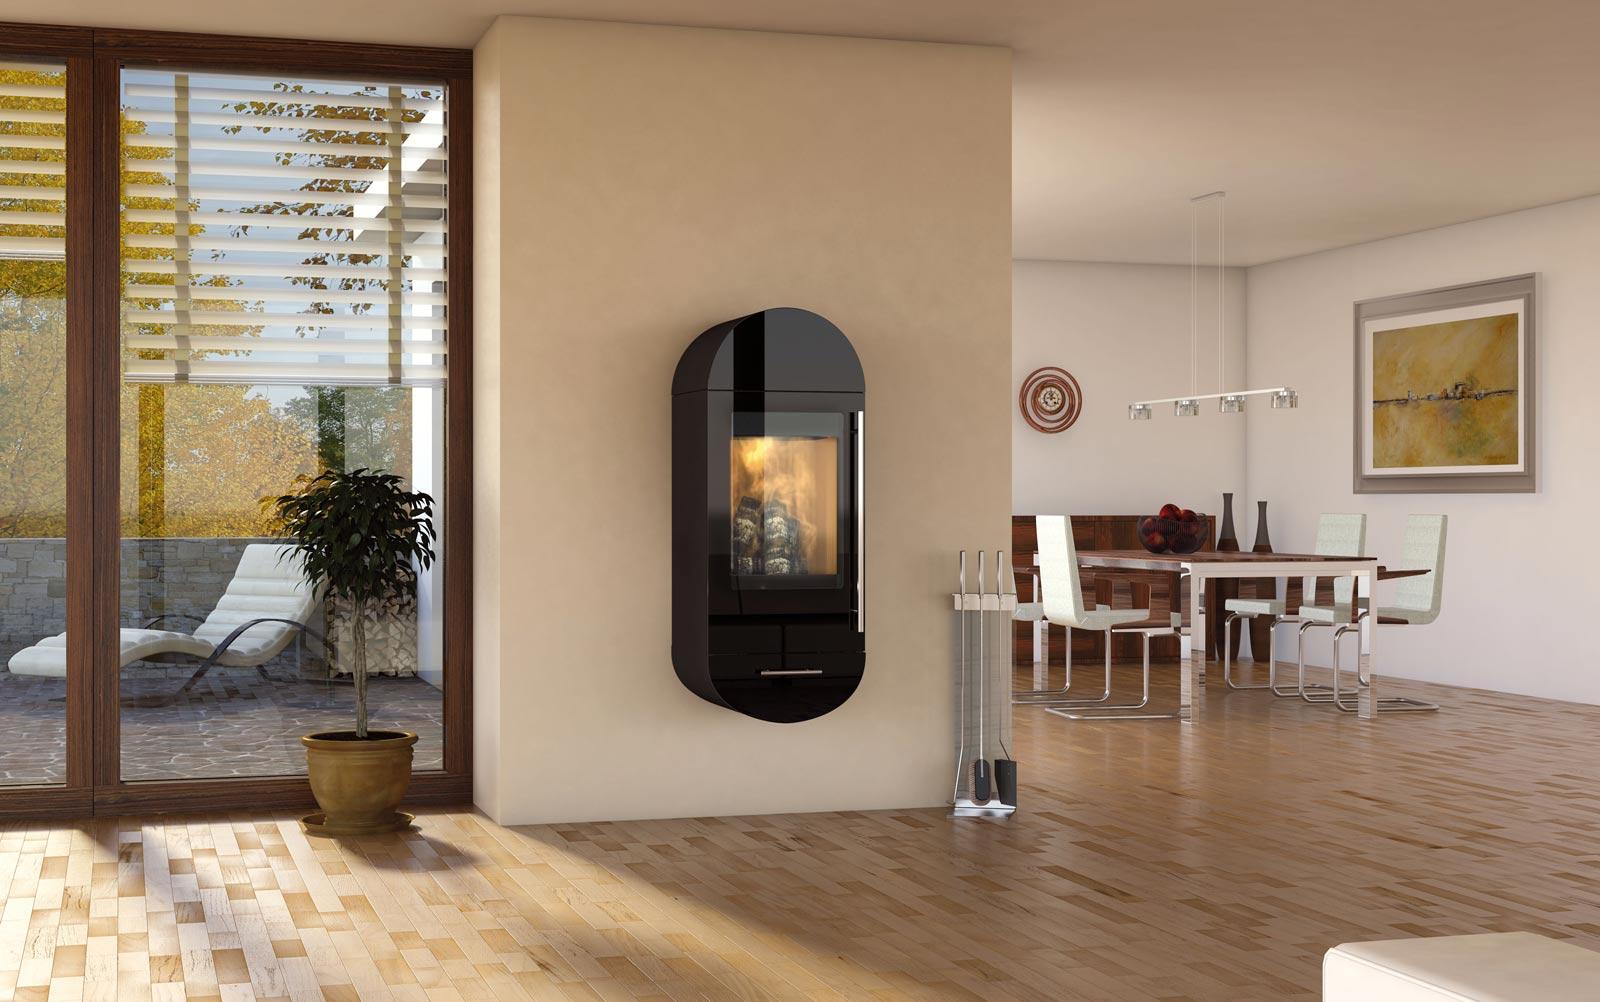 schornsteinsysteme trarbach kamine und fen. Black Bedroom Furniture Sets. Home Design Ideas